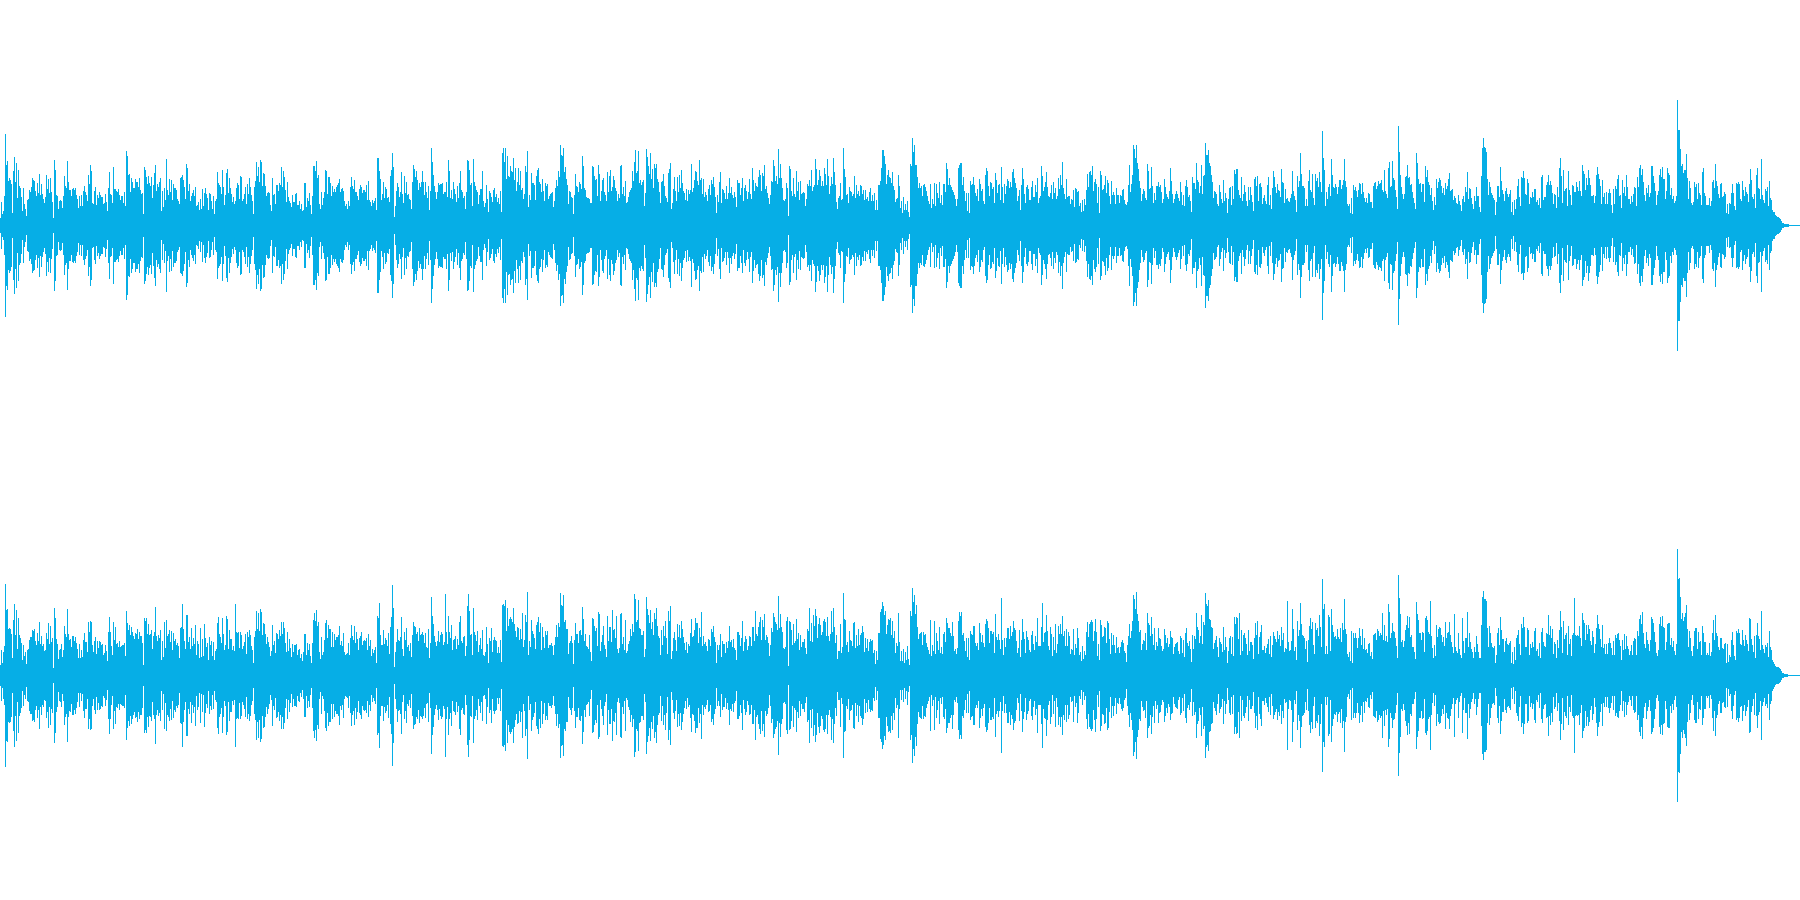 安らぎの時間に聴きたいお洒落ジャズBGMの再生済みの波形